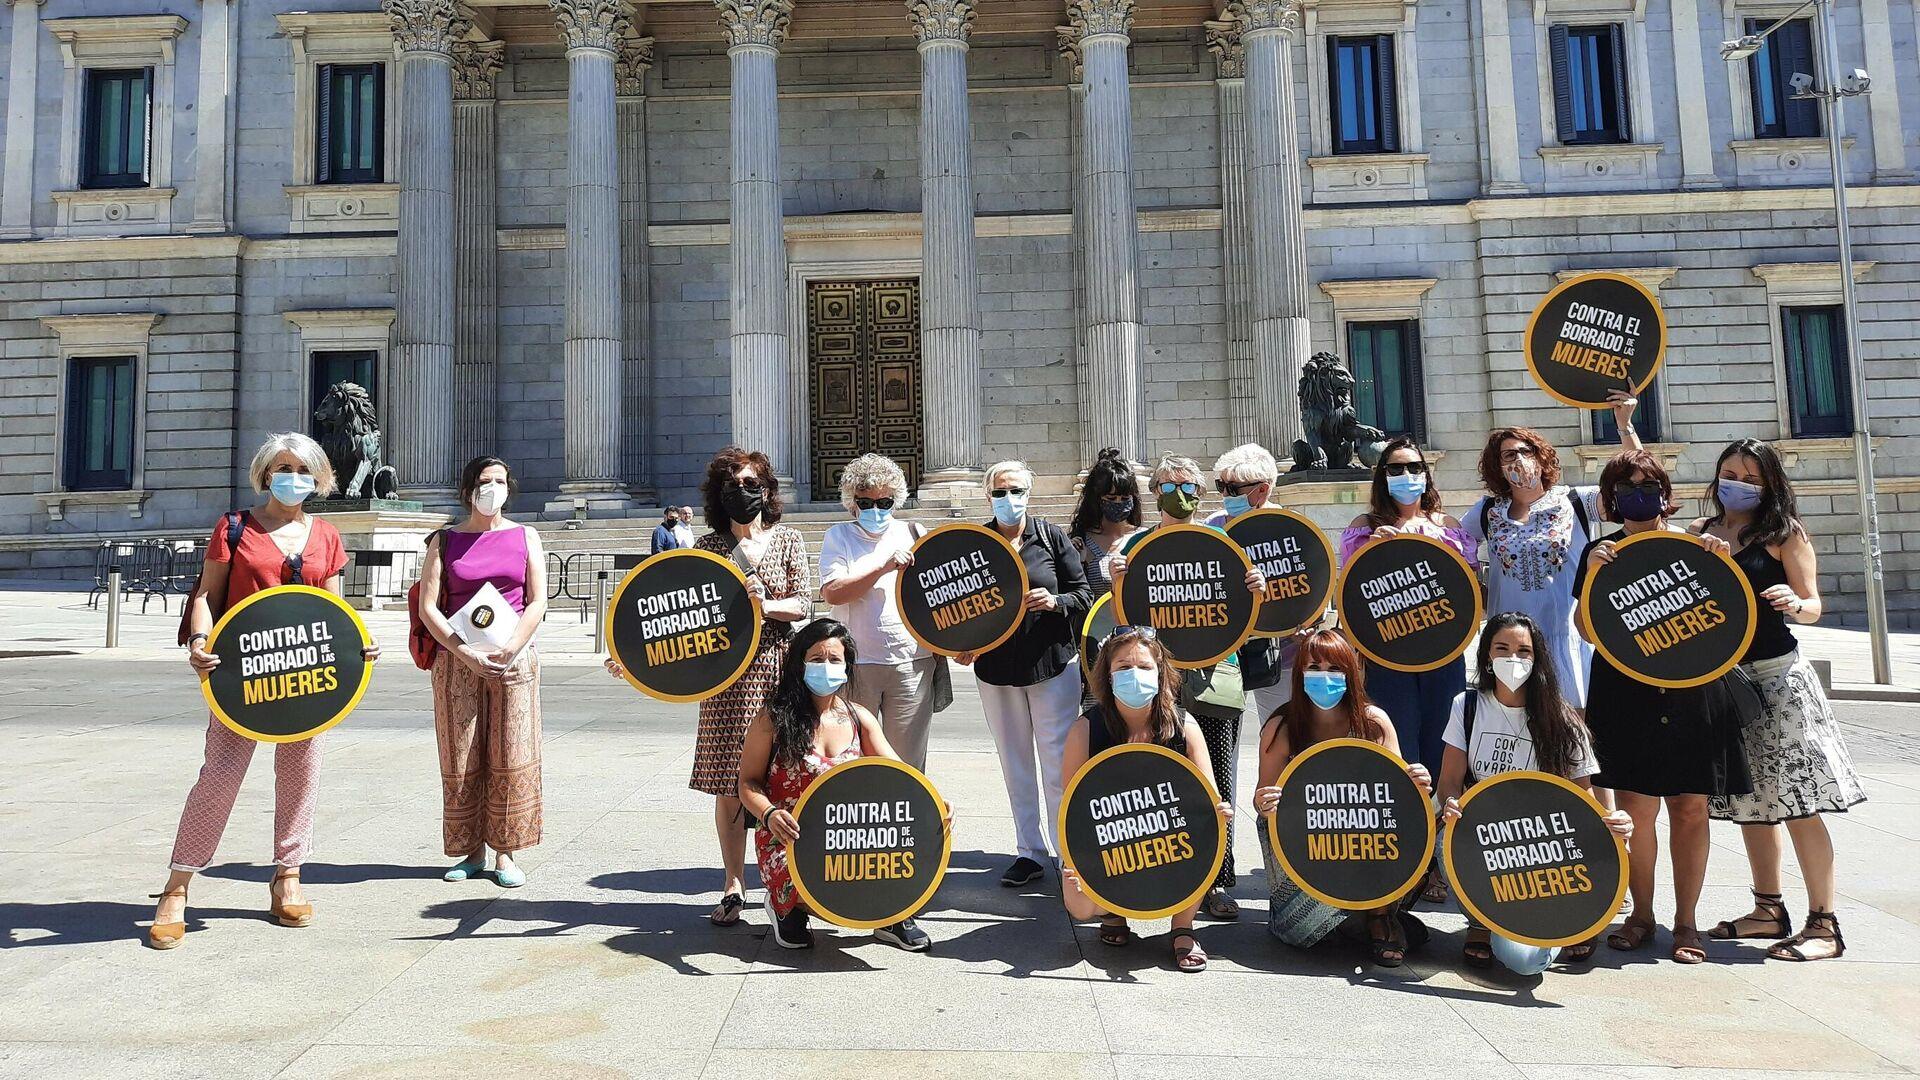 Foto de ARCHIVO. Alianza contra el Borrado de las Mujeres ante el Congreso - Sputnik Mundo, 1920, 23.04.2021